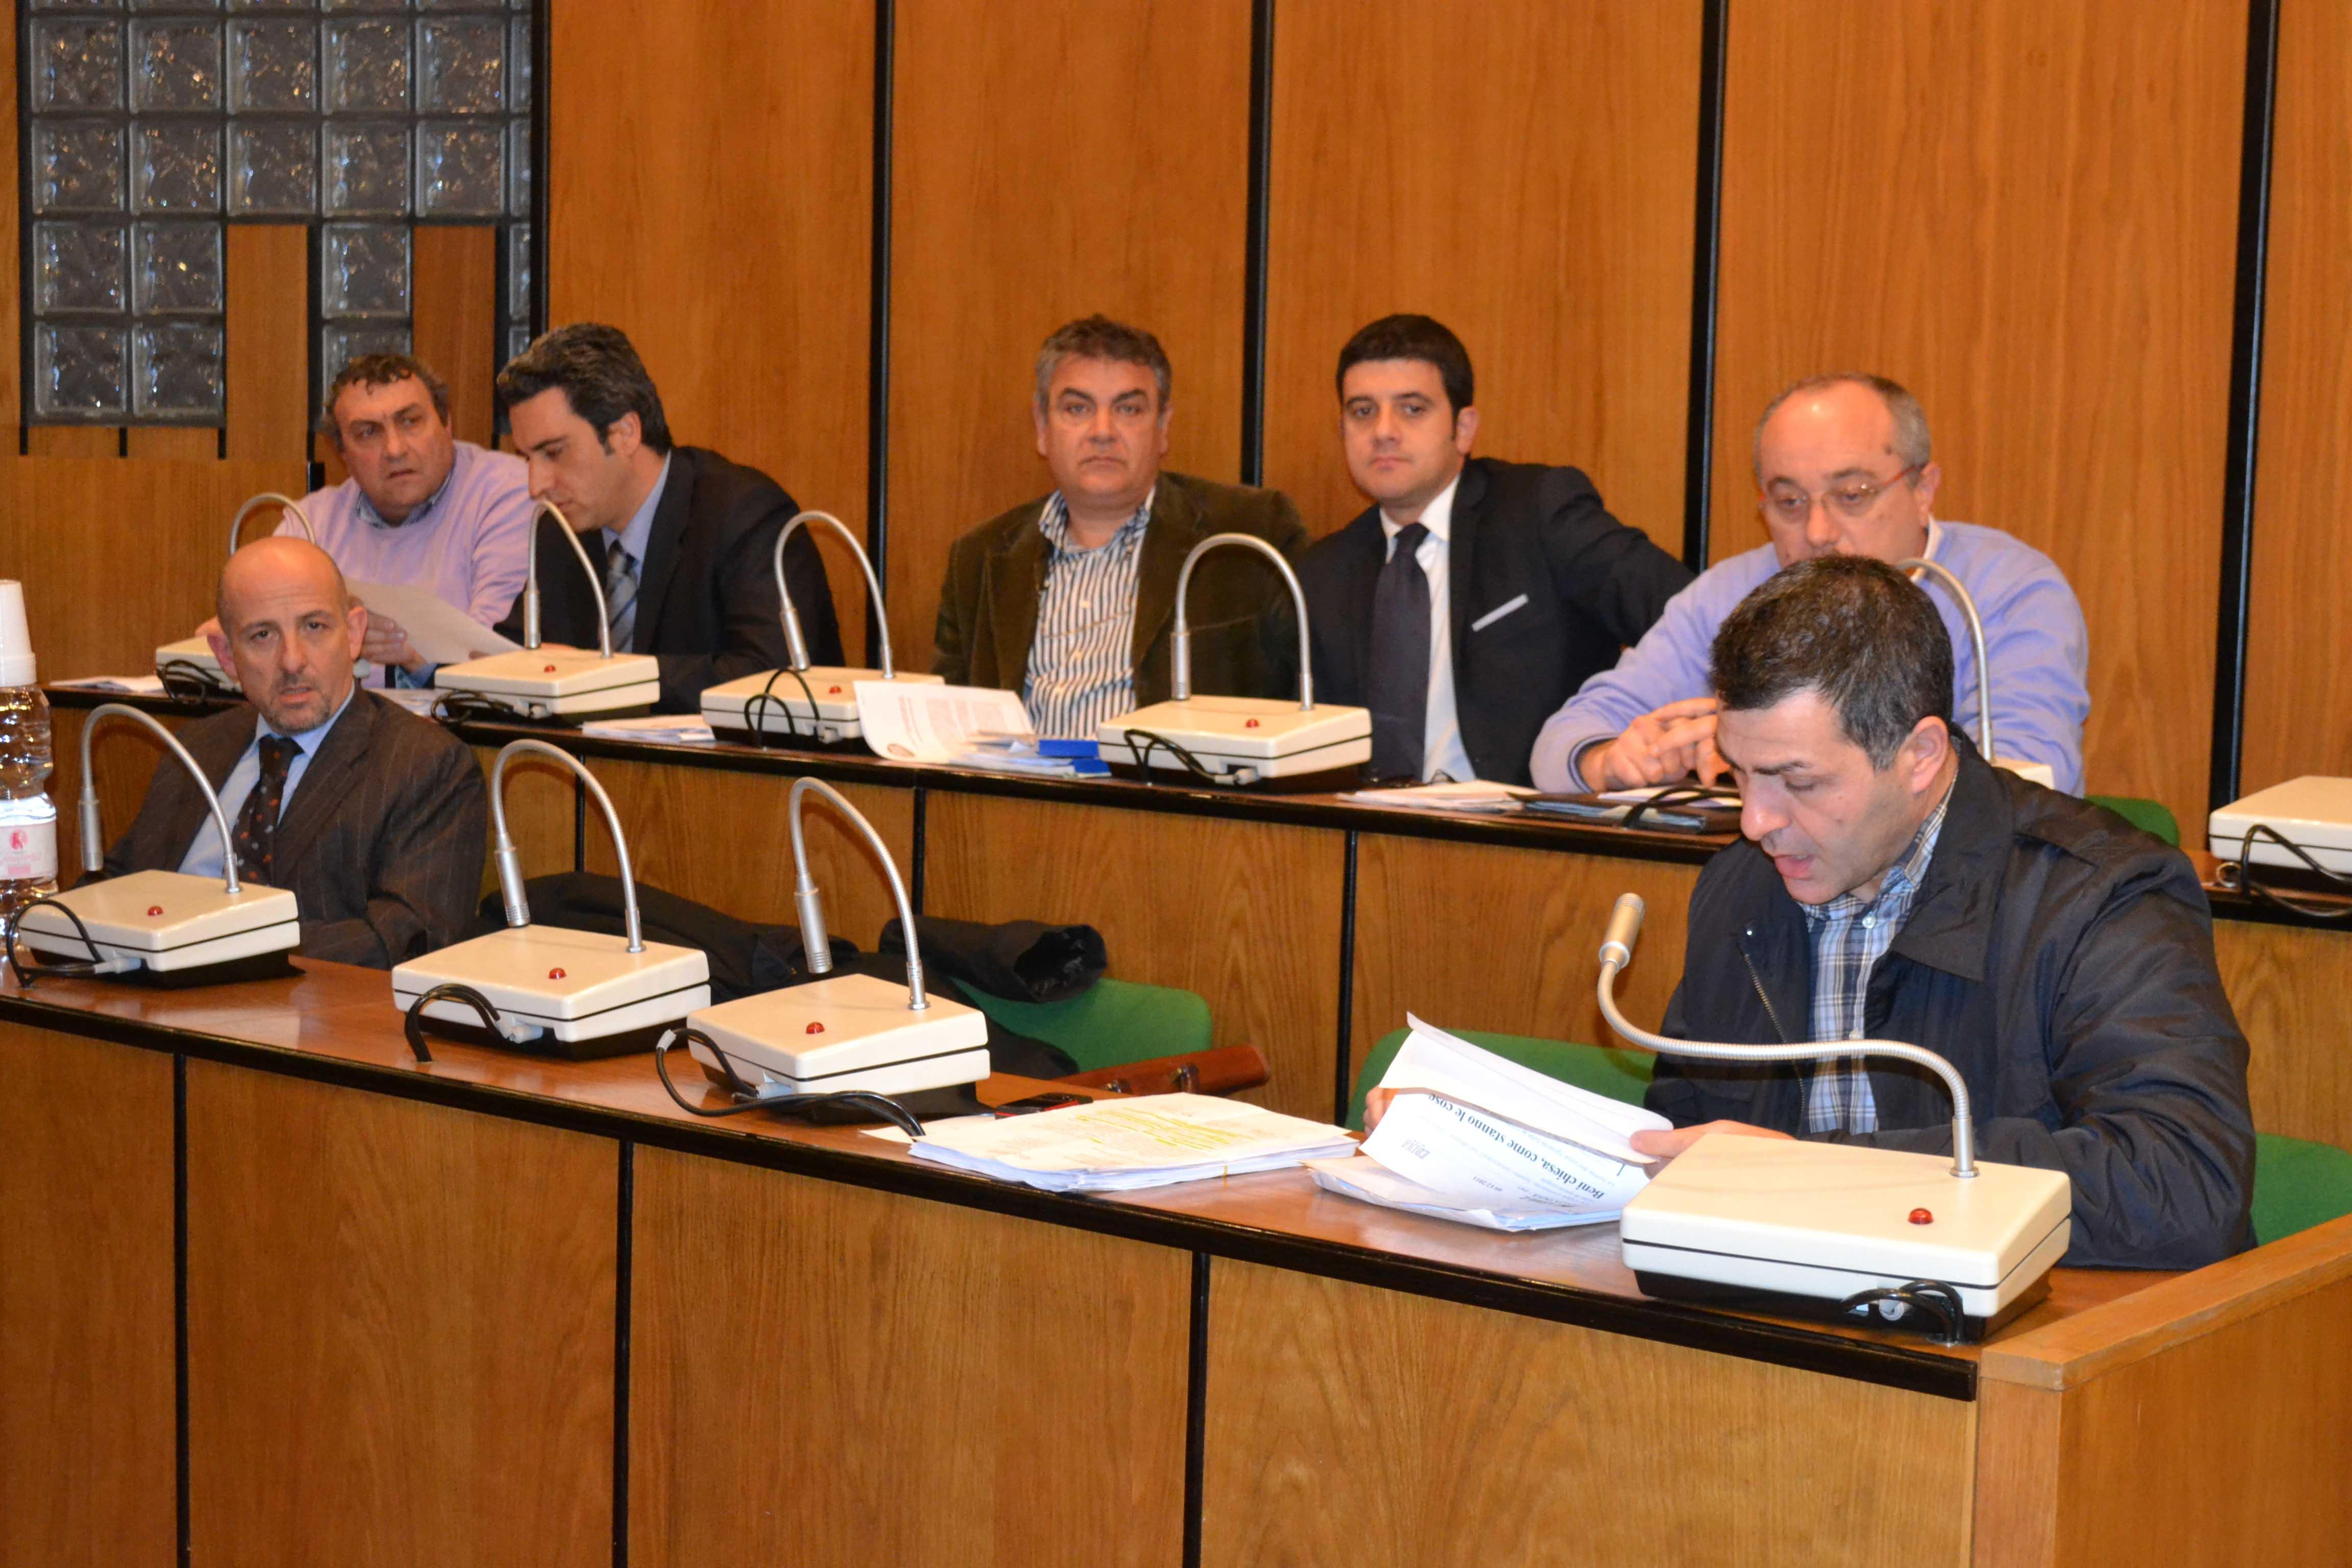 consiglio comunale 15 dicembre opposizione